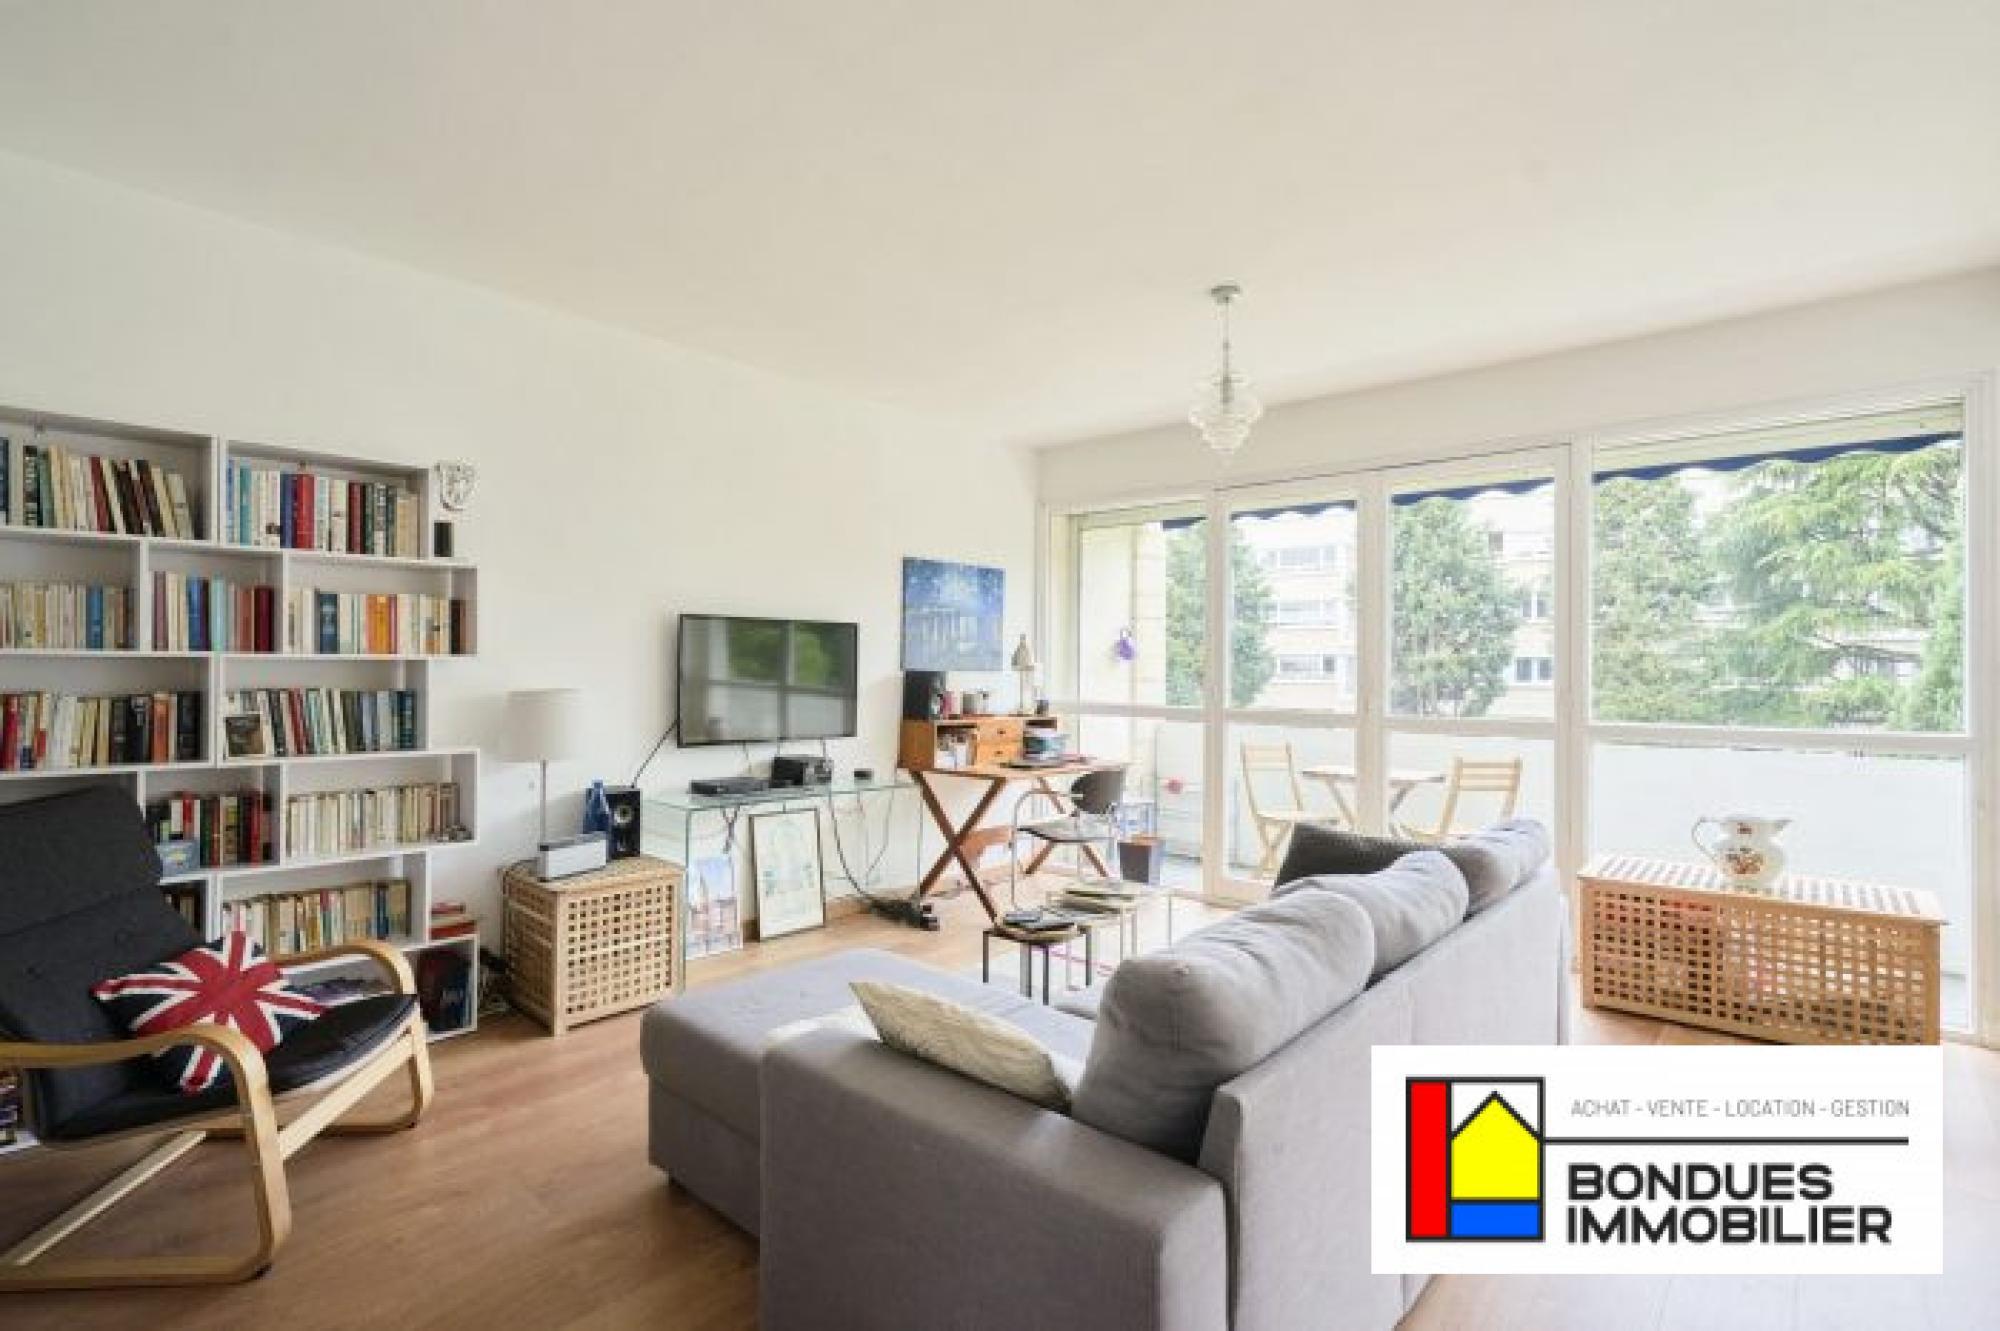 vente appartement marcq en barœul refVA2138 (3)